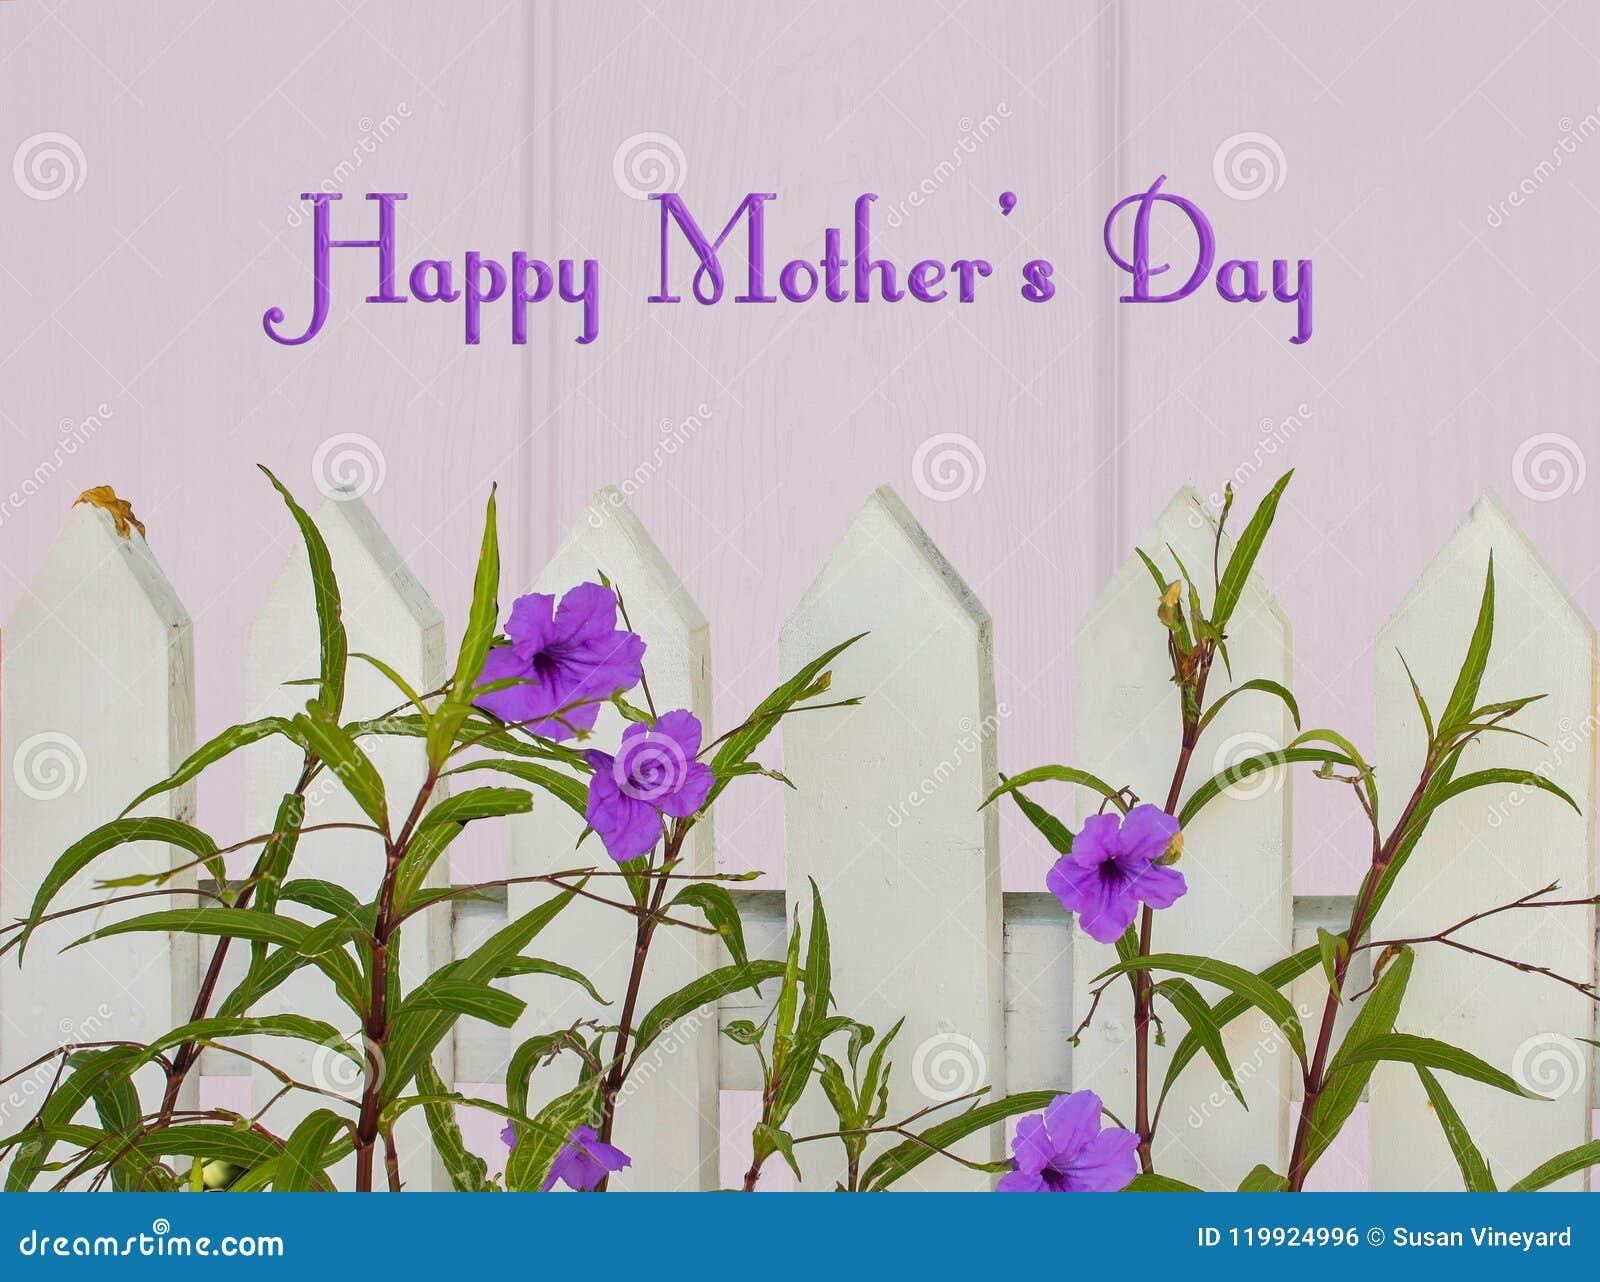 De vrolijke en gelukkige groet van de Moedersdag met piketomheining en purpere bloemen op lichtpaarse houten achtergrond met het